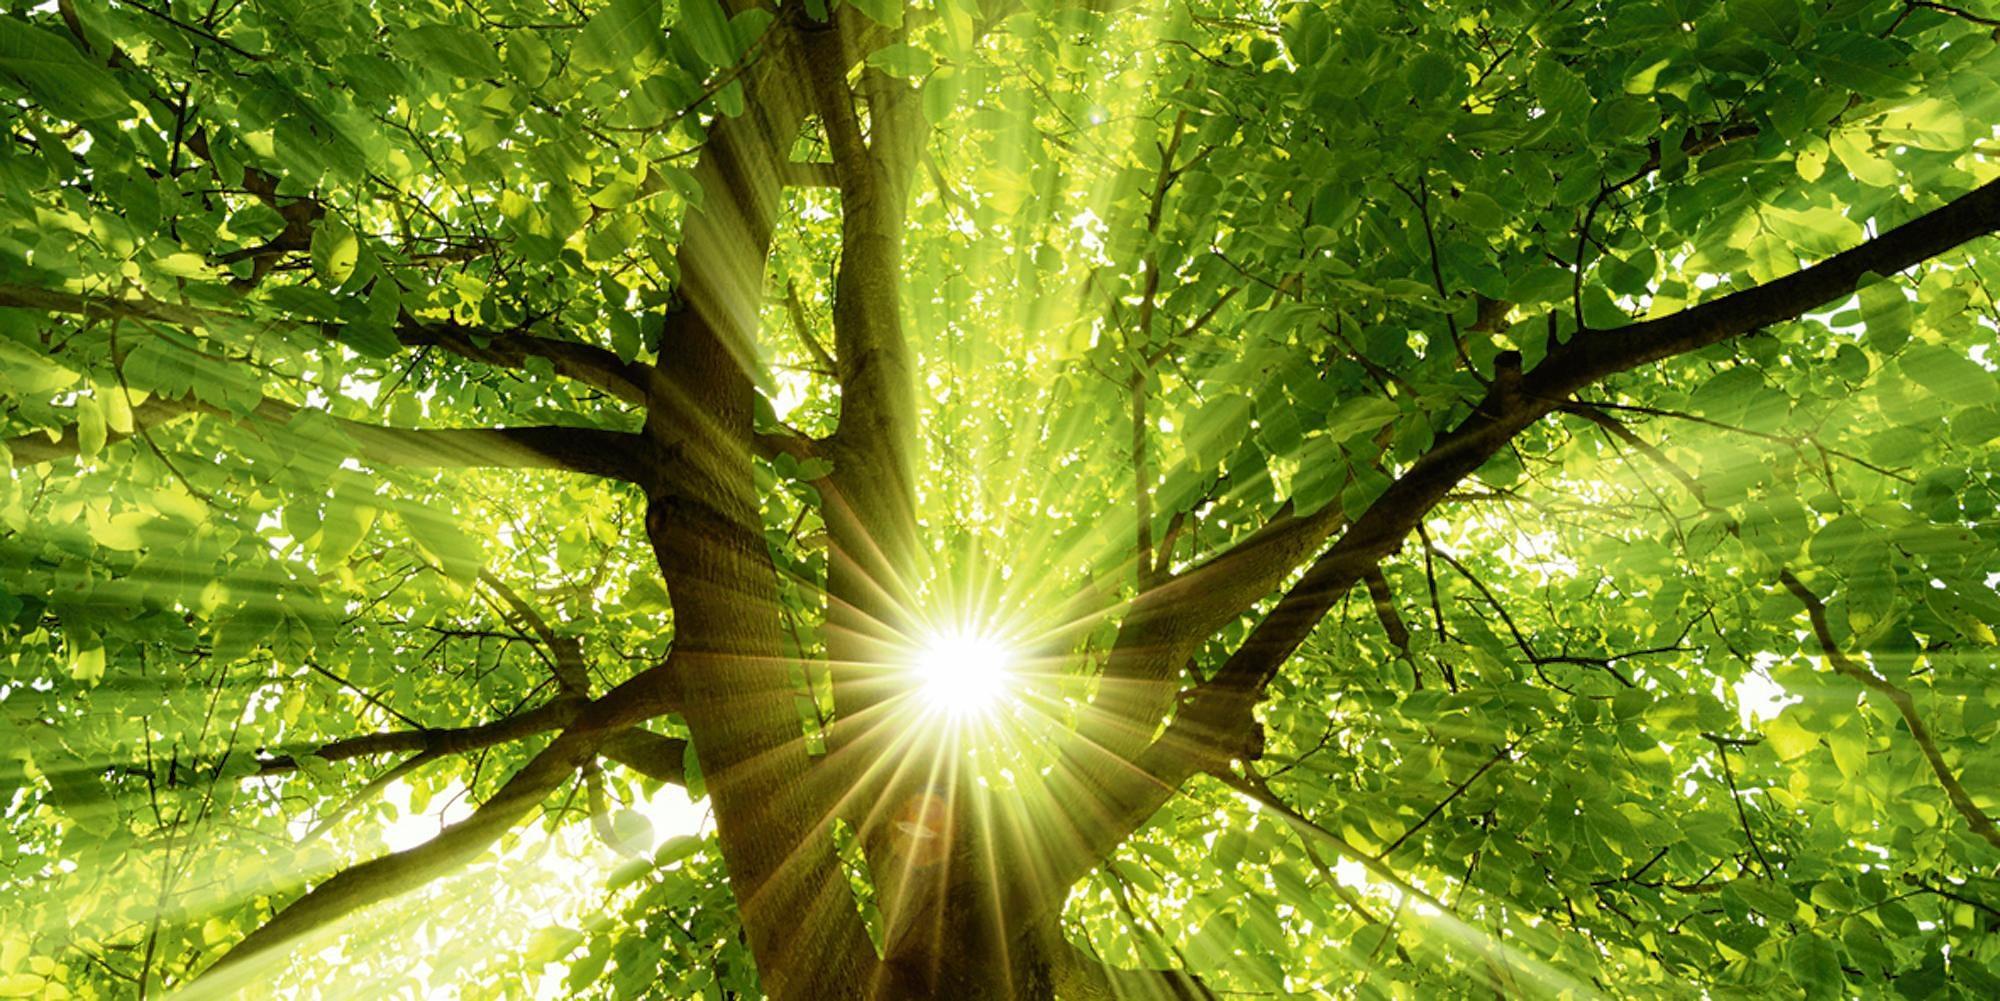 Home affaire Glasbild »smileus: Sonne strahlt explosiv durch den Baum«, 100/50 cm